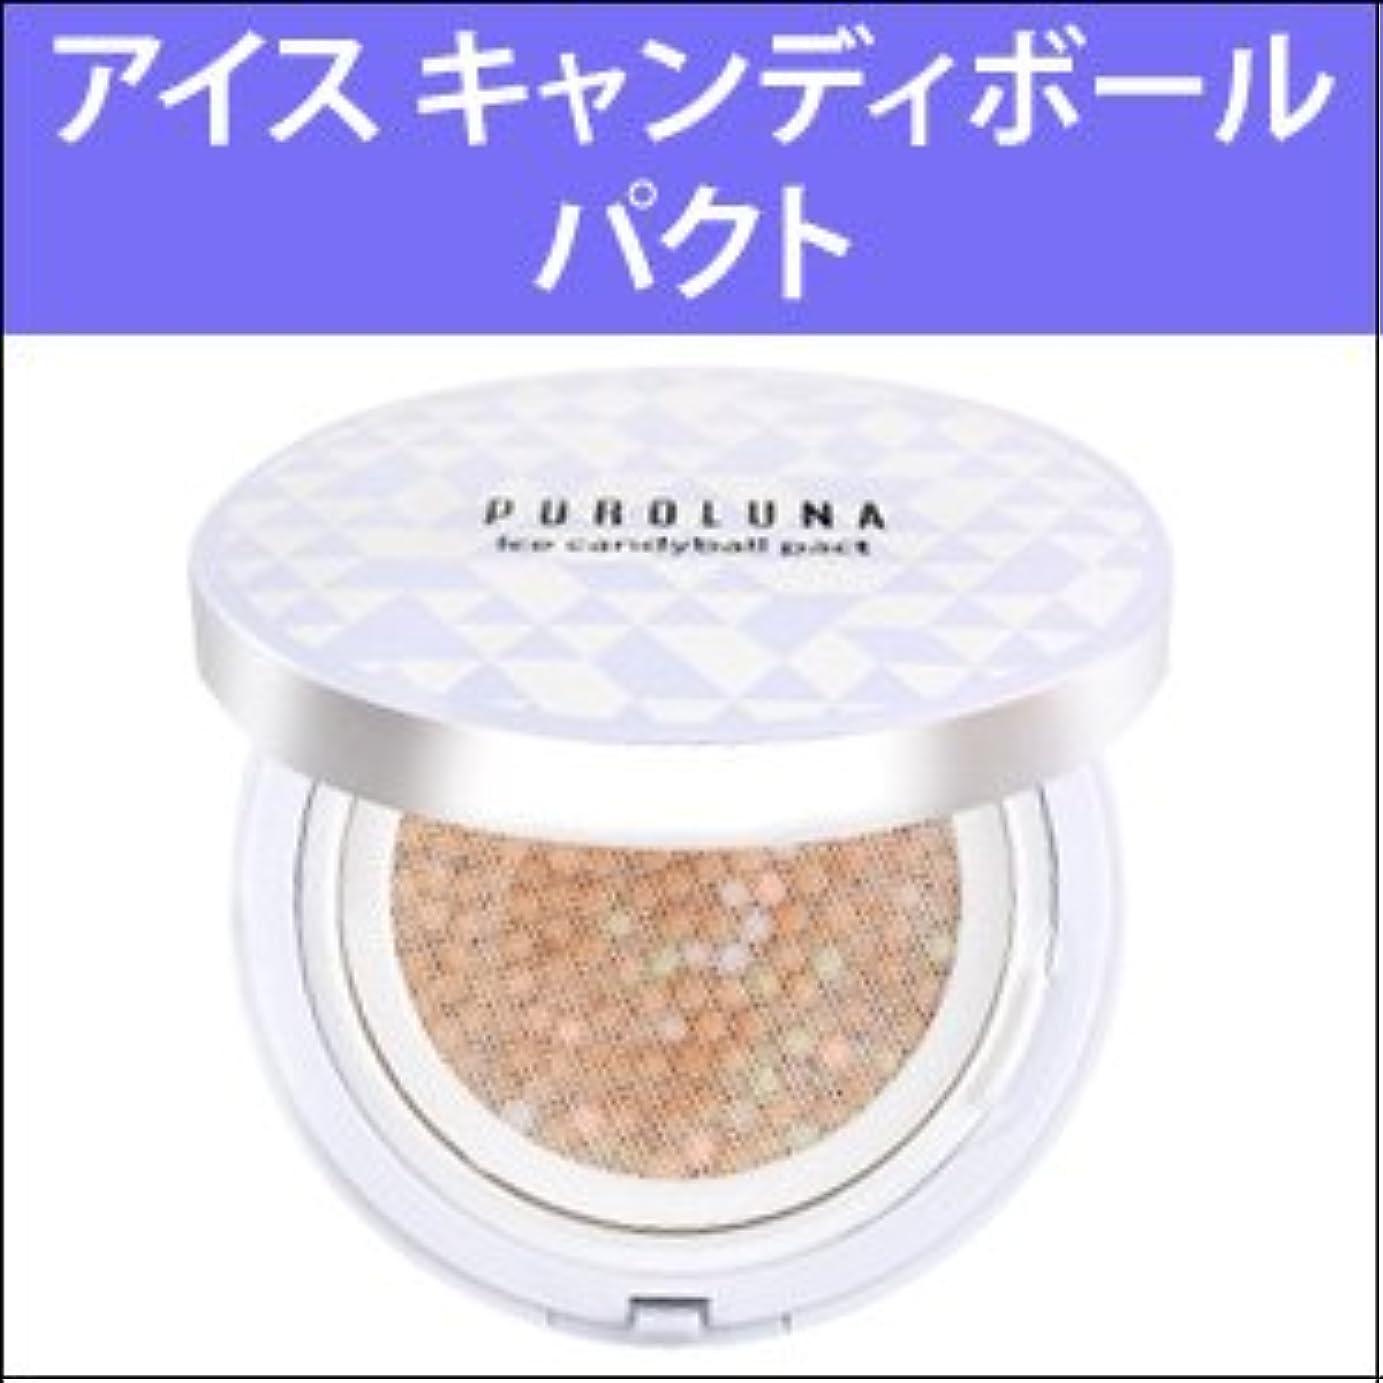 ライラック百年予約『PUROLUNA?プロルナ』 アイス キャンディボール パクト(SPF50+/PA+++) カラー:1号 バニラ